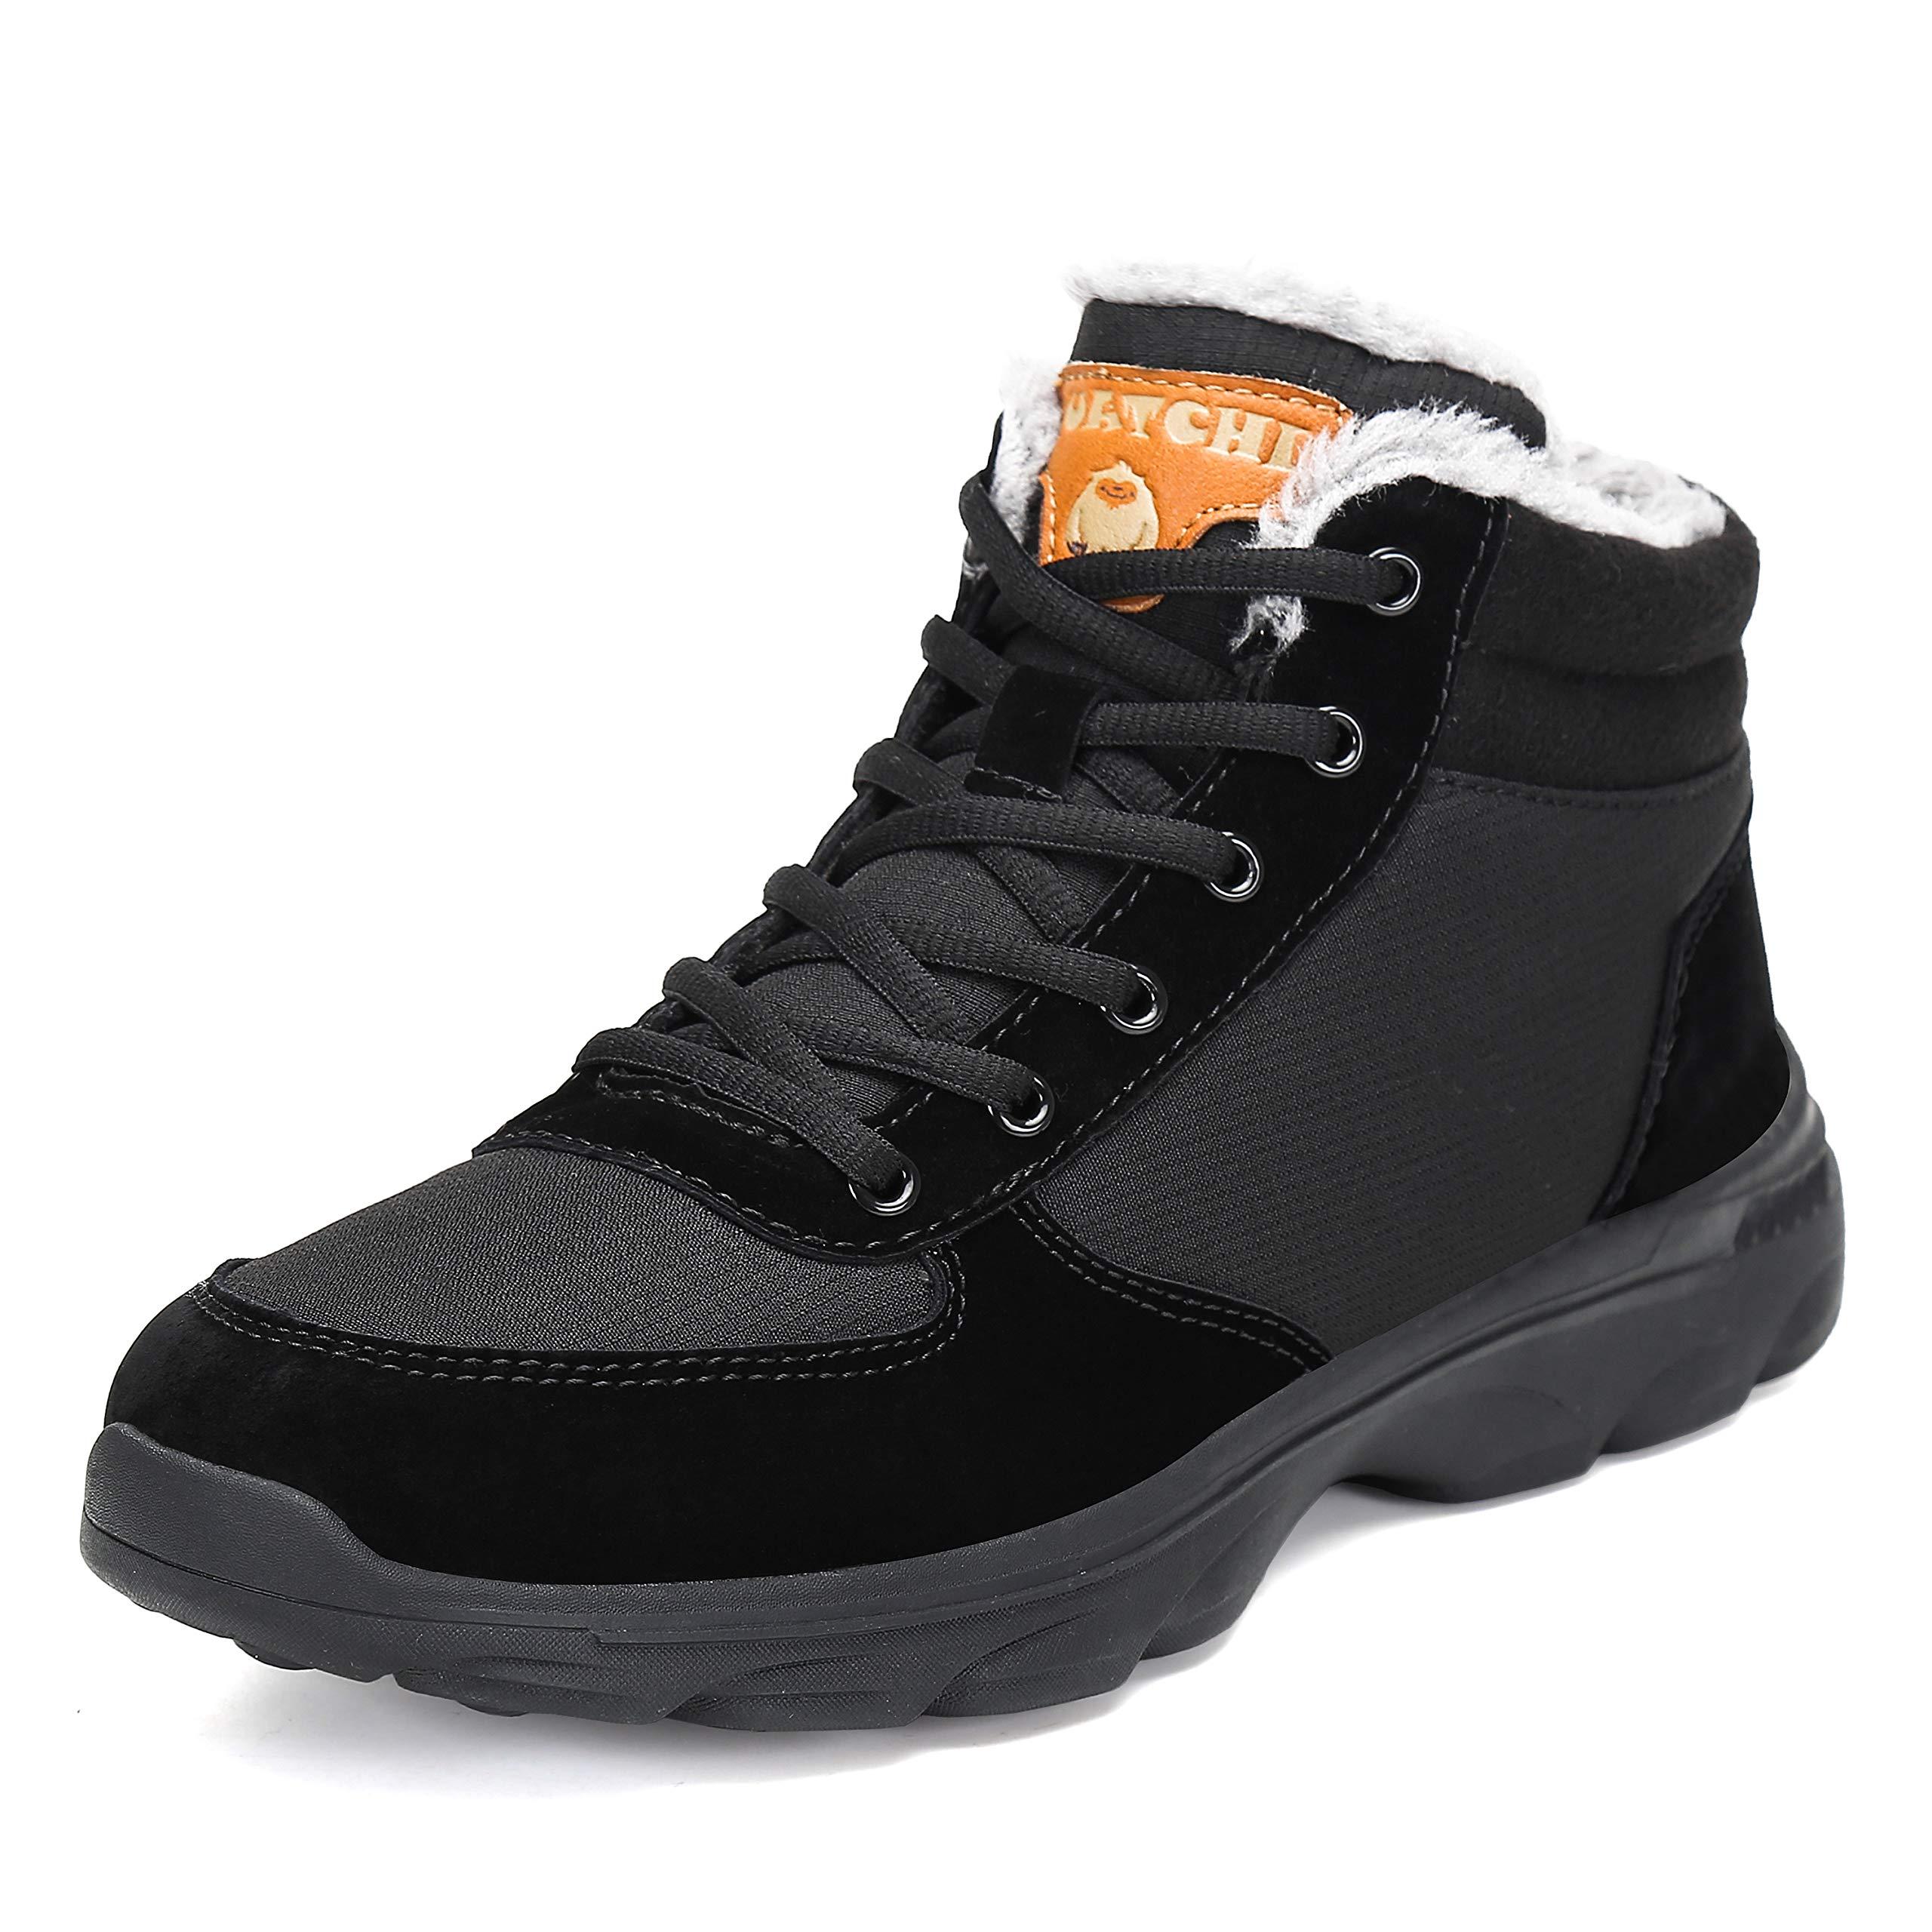 Pastaza Scarpe da Trekking Uomo Donna Stivali da Escursionismo Invernali  Impermeabile Outdoor Sneakers product image 76754dfd475